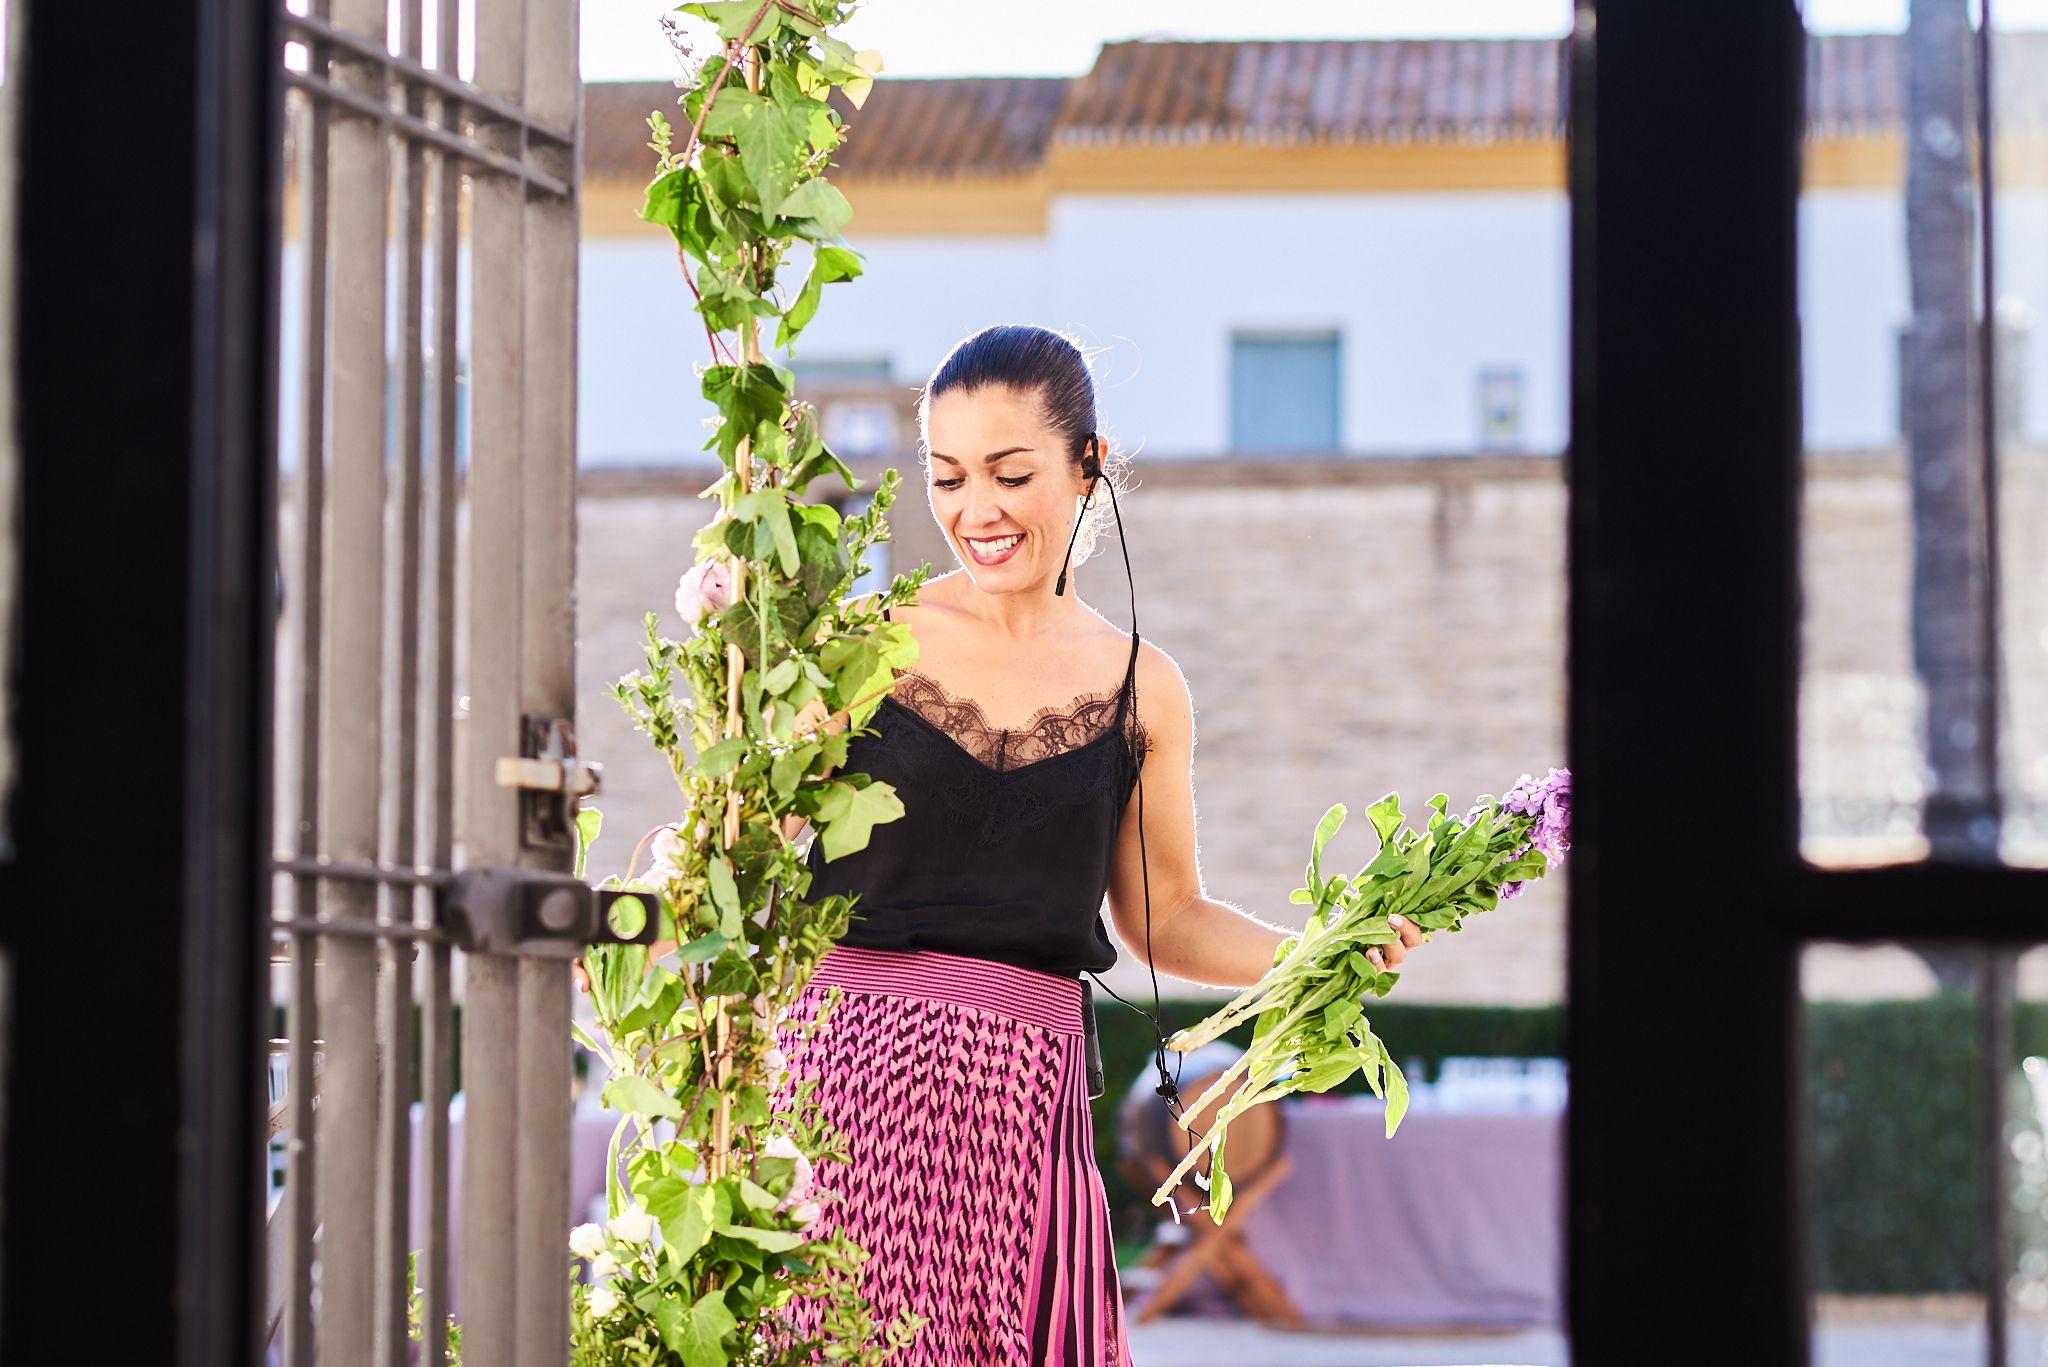 La-22Destination-Wedding22-en-Moguer-de-Lauren-y-JosC3A9-Antonio-JoseAntonio-alejandromarmol2053.jpg